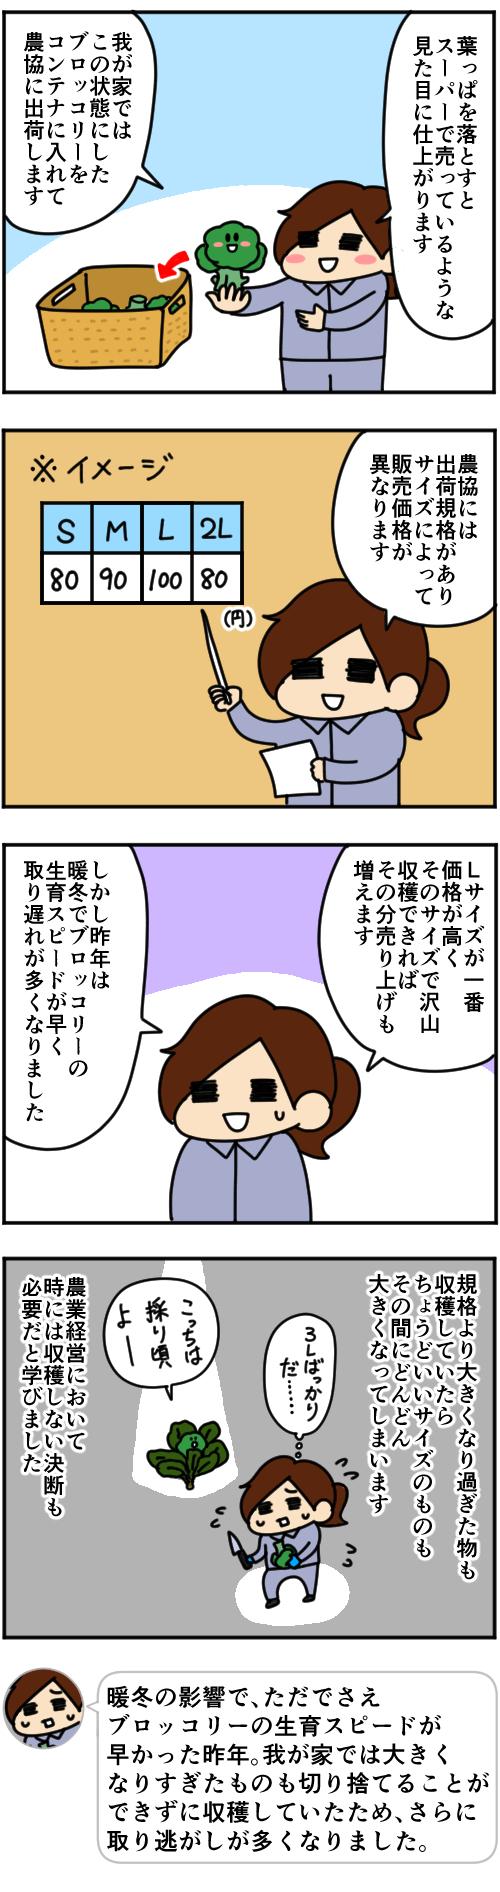 「跡取りまごの百姓日記」【第78話】_2枚目